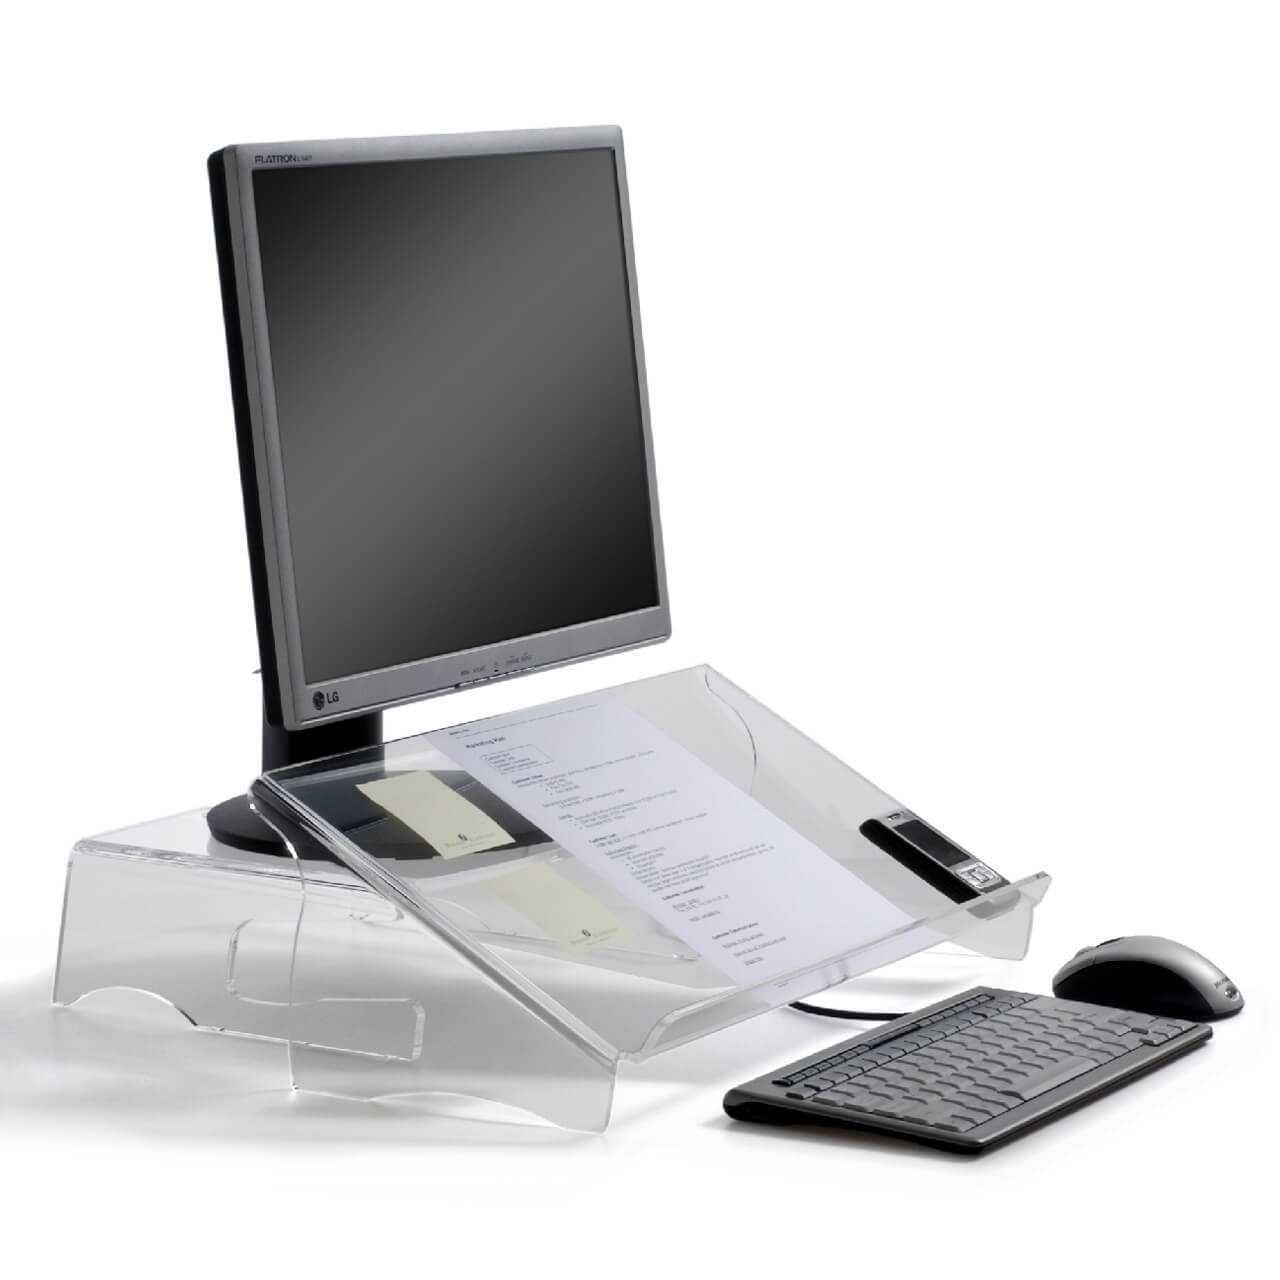 Q doc 500 documentenhouder ERKAQD547 0002 Omgeving